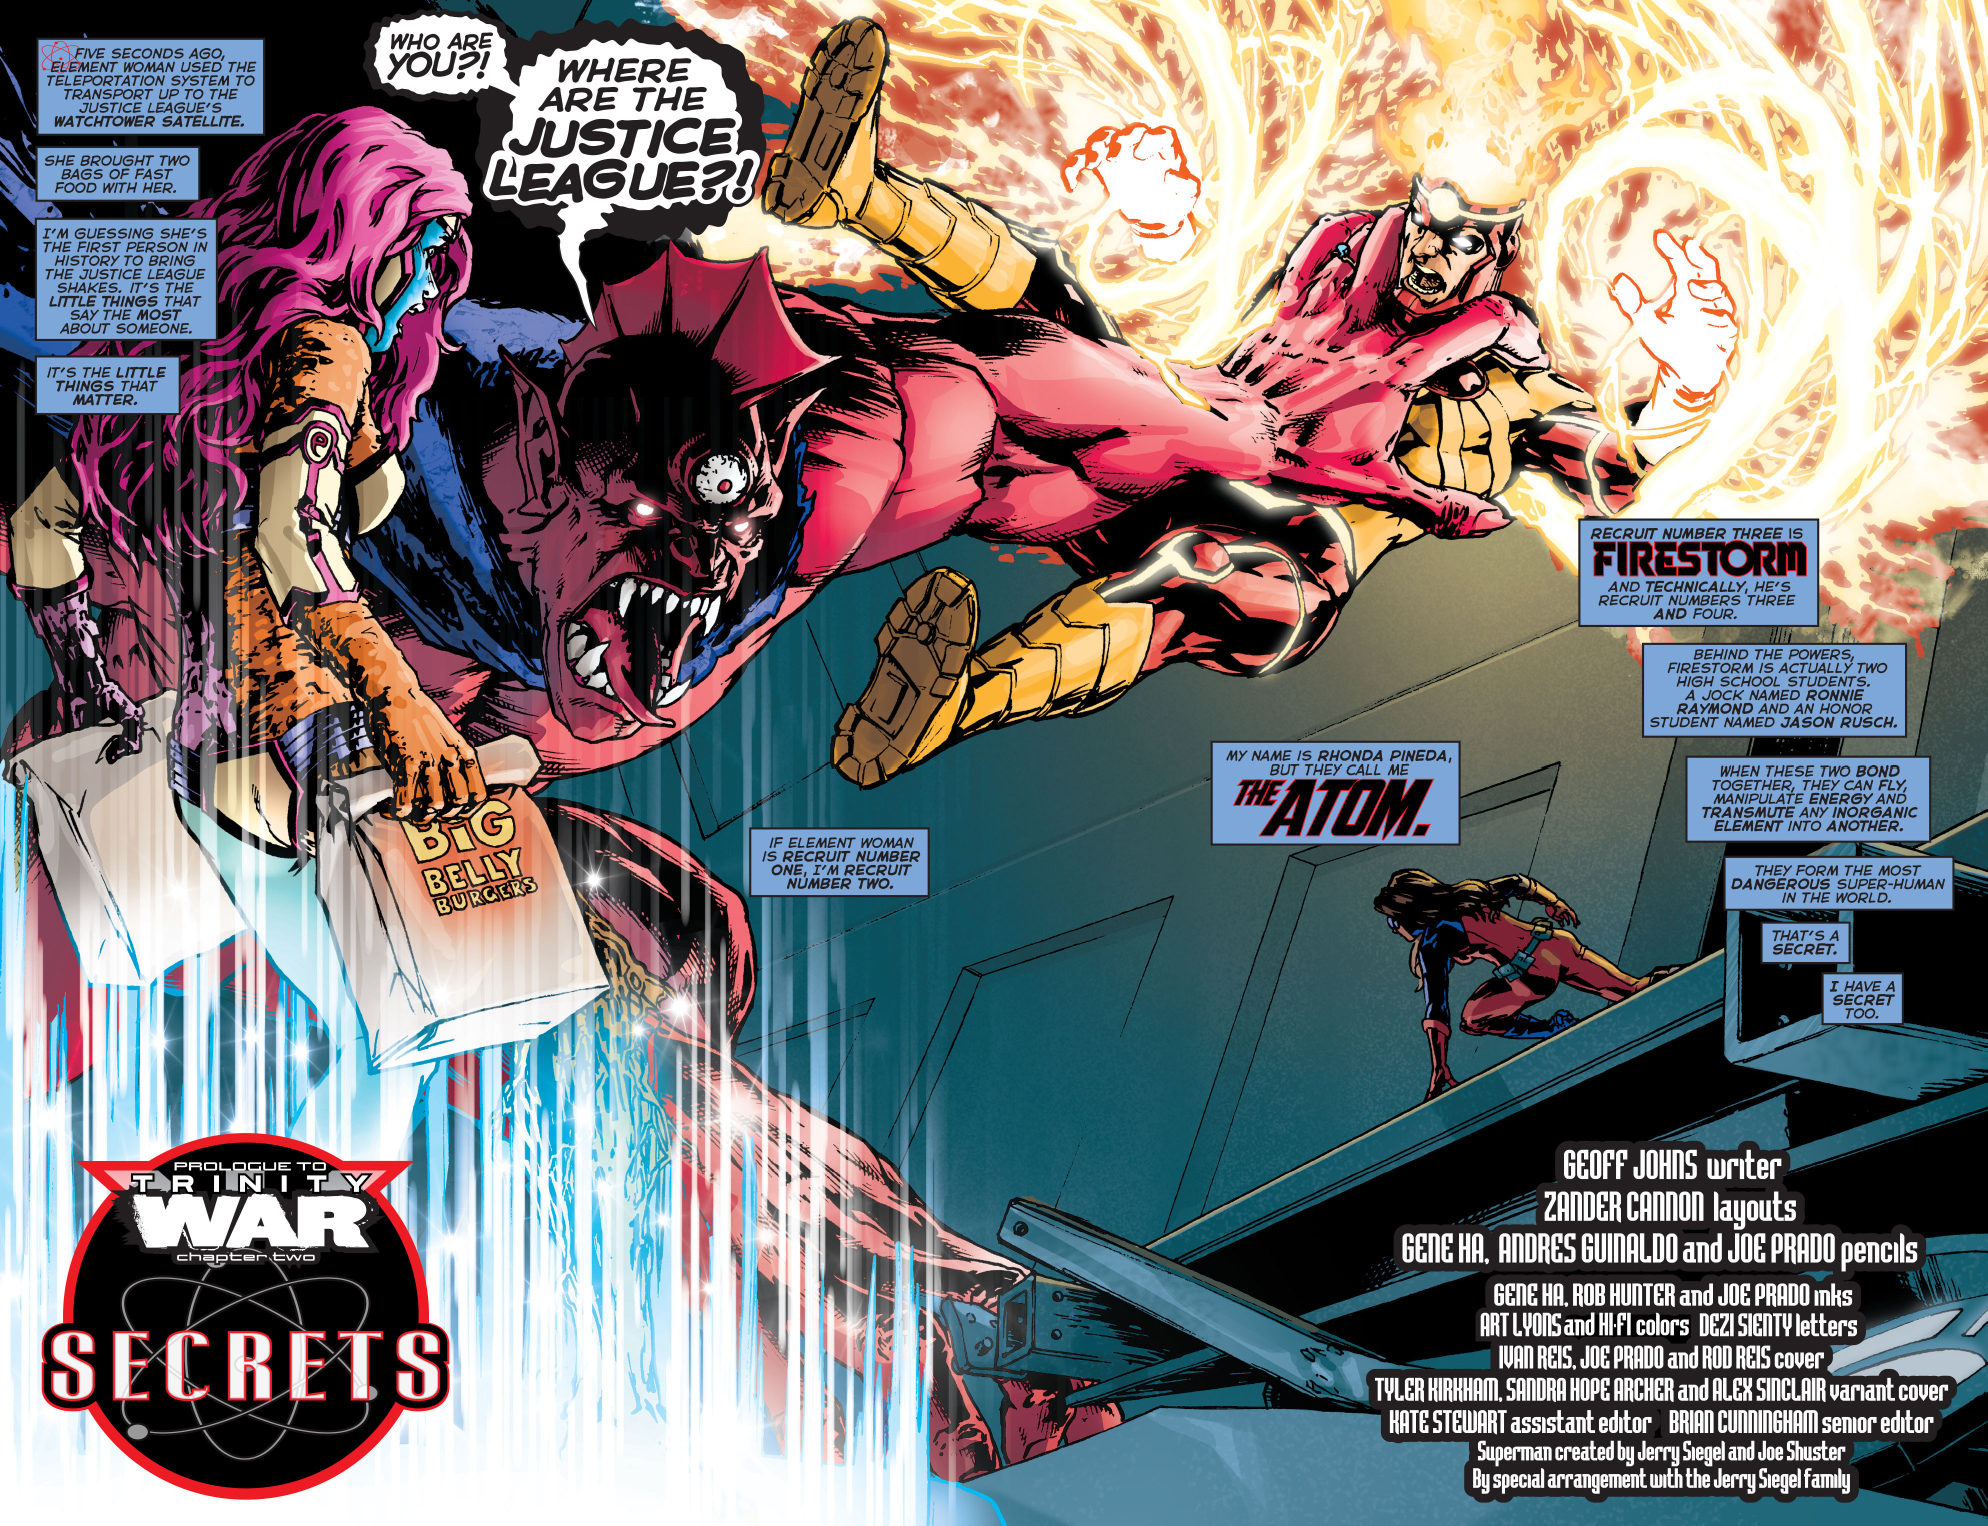 despero vs element woman, firestorm and the atom